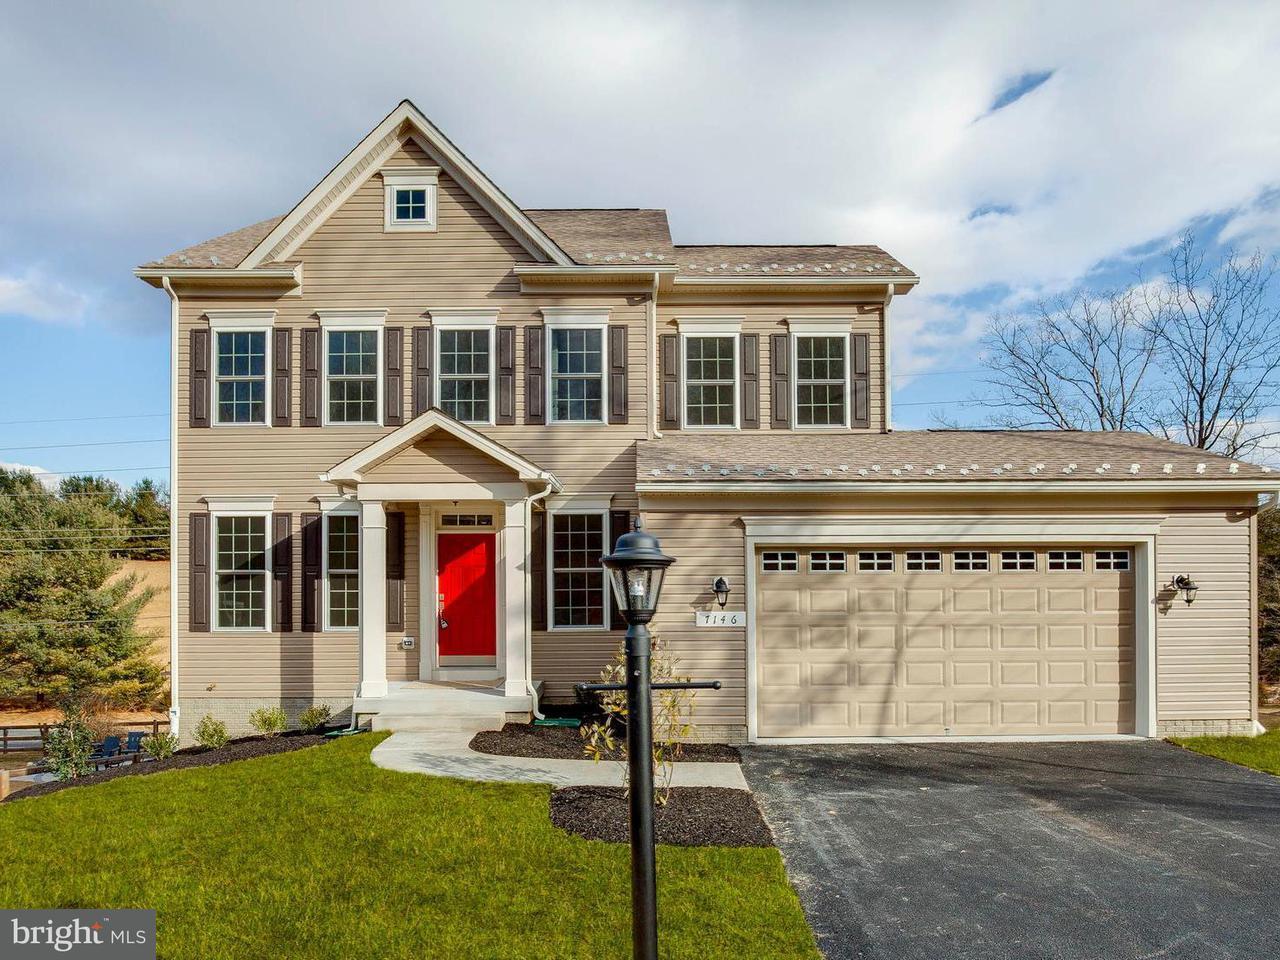 独户住宅 为 销售 在 Highland School Road Highland School Road Myersville, 马里兰州 21773 美国